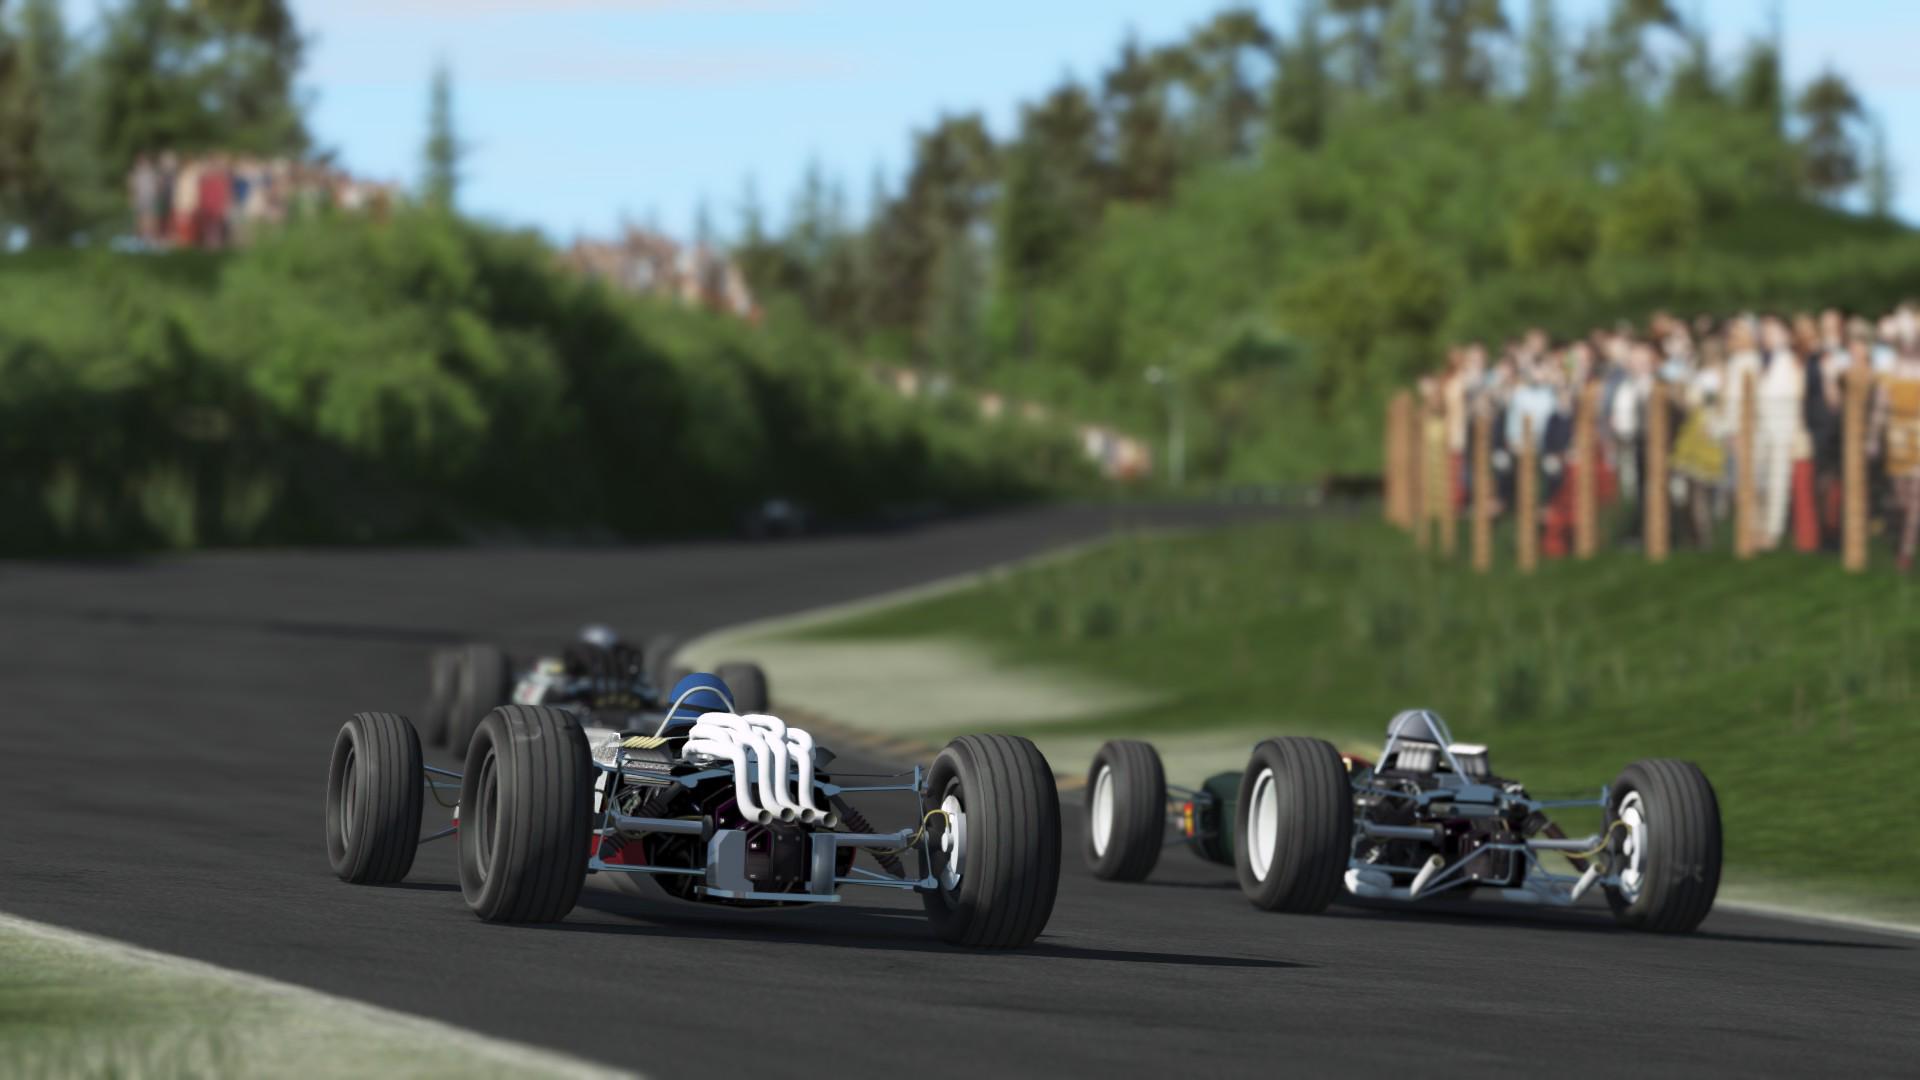 F3 Classic Sergio Loro rF2 _04.png